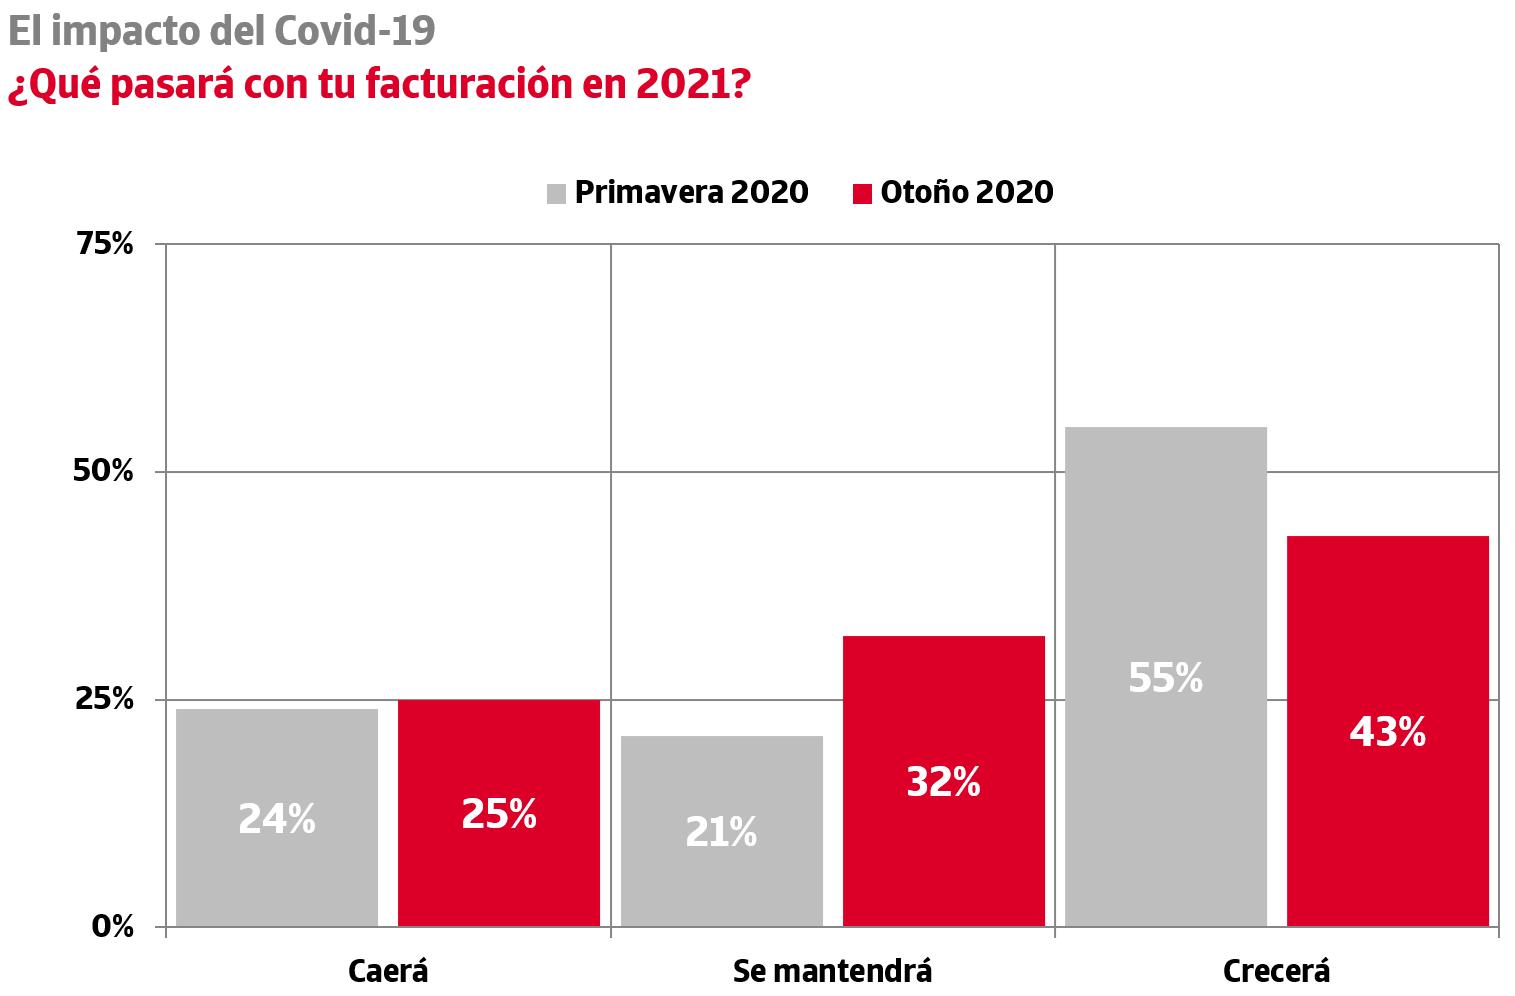 mas de la mitad de las empresas espanolas preve una caida de su facturacion en 2020 3